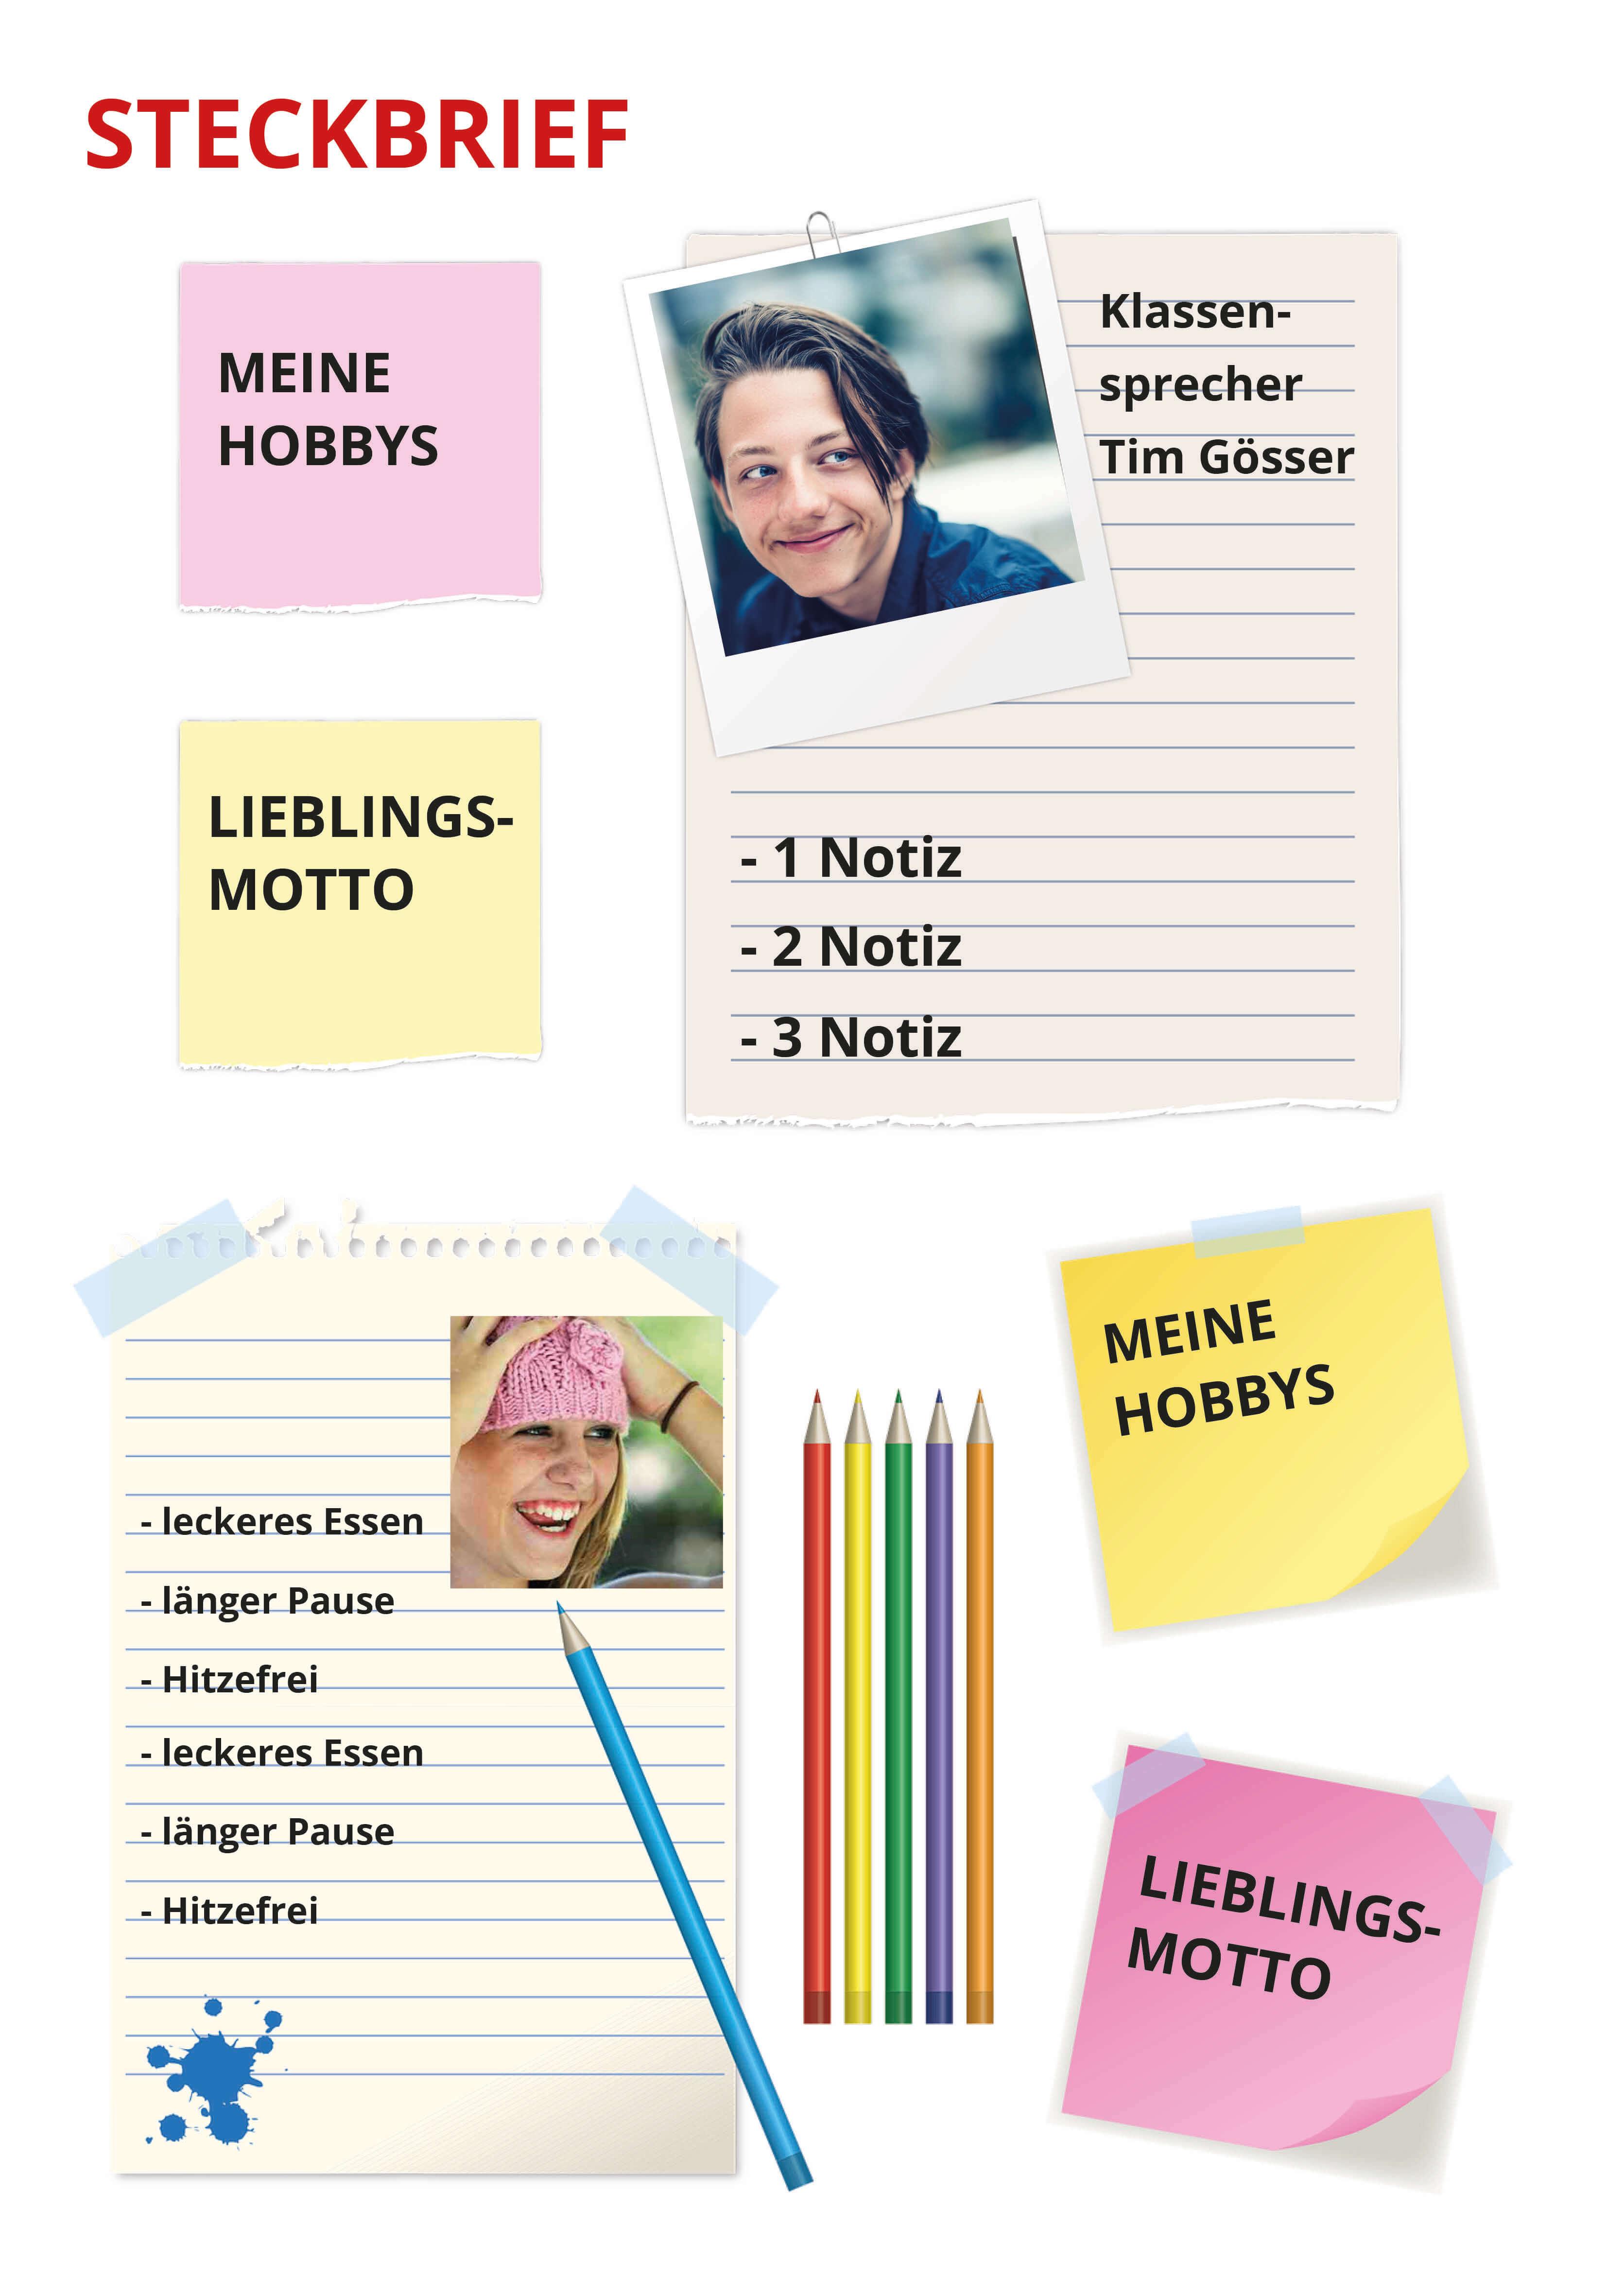 Steckbrief für die Abschlusszeitung einer Grundschule